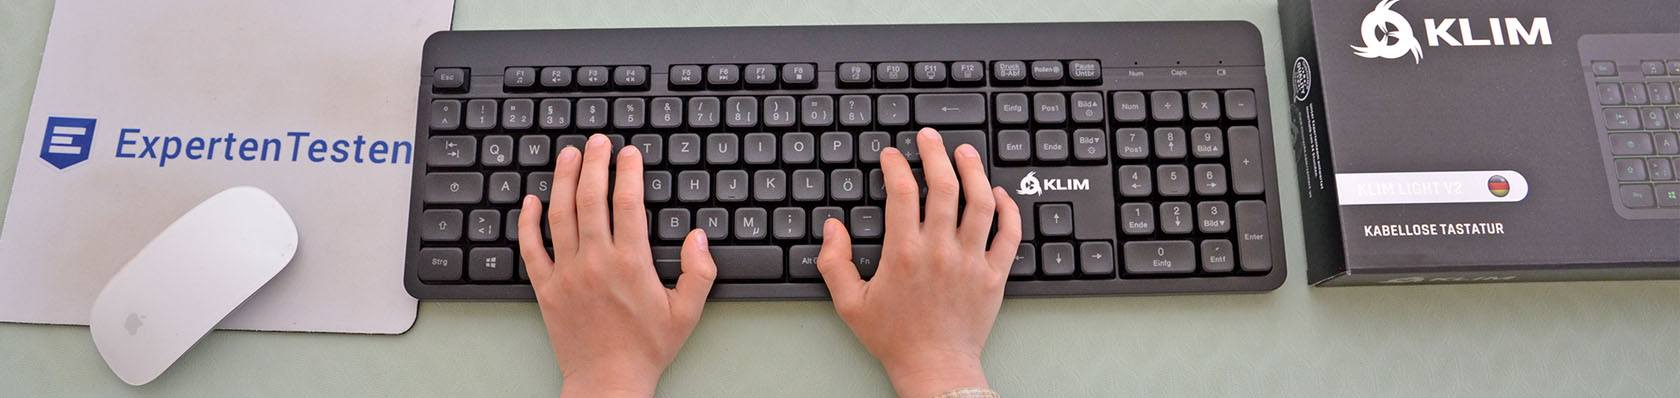 Gaming Tastaturen im Test auf ExpertenTesten.de